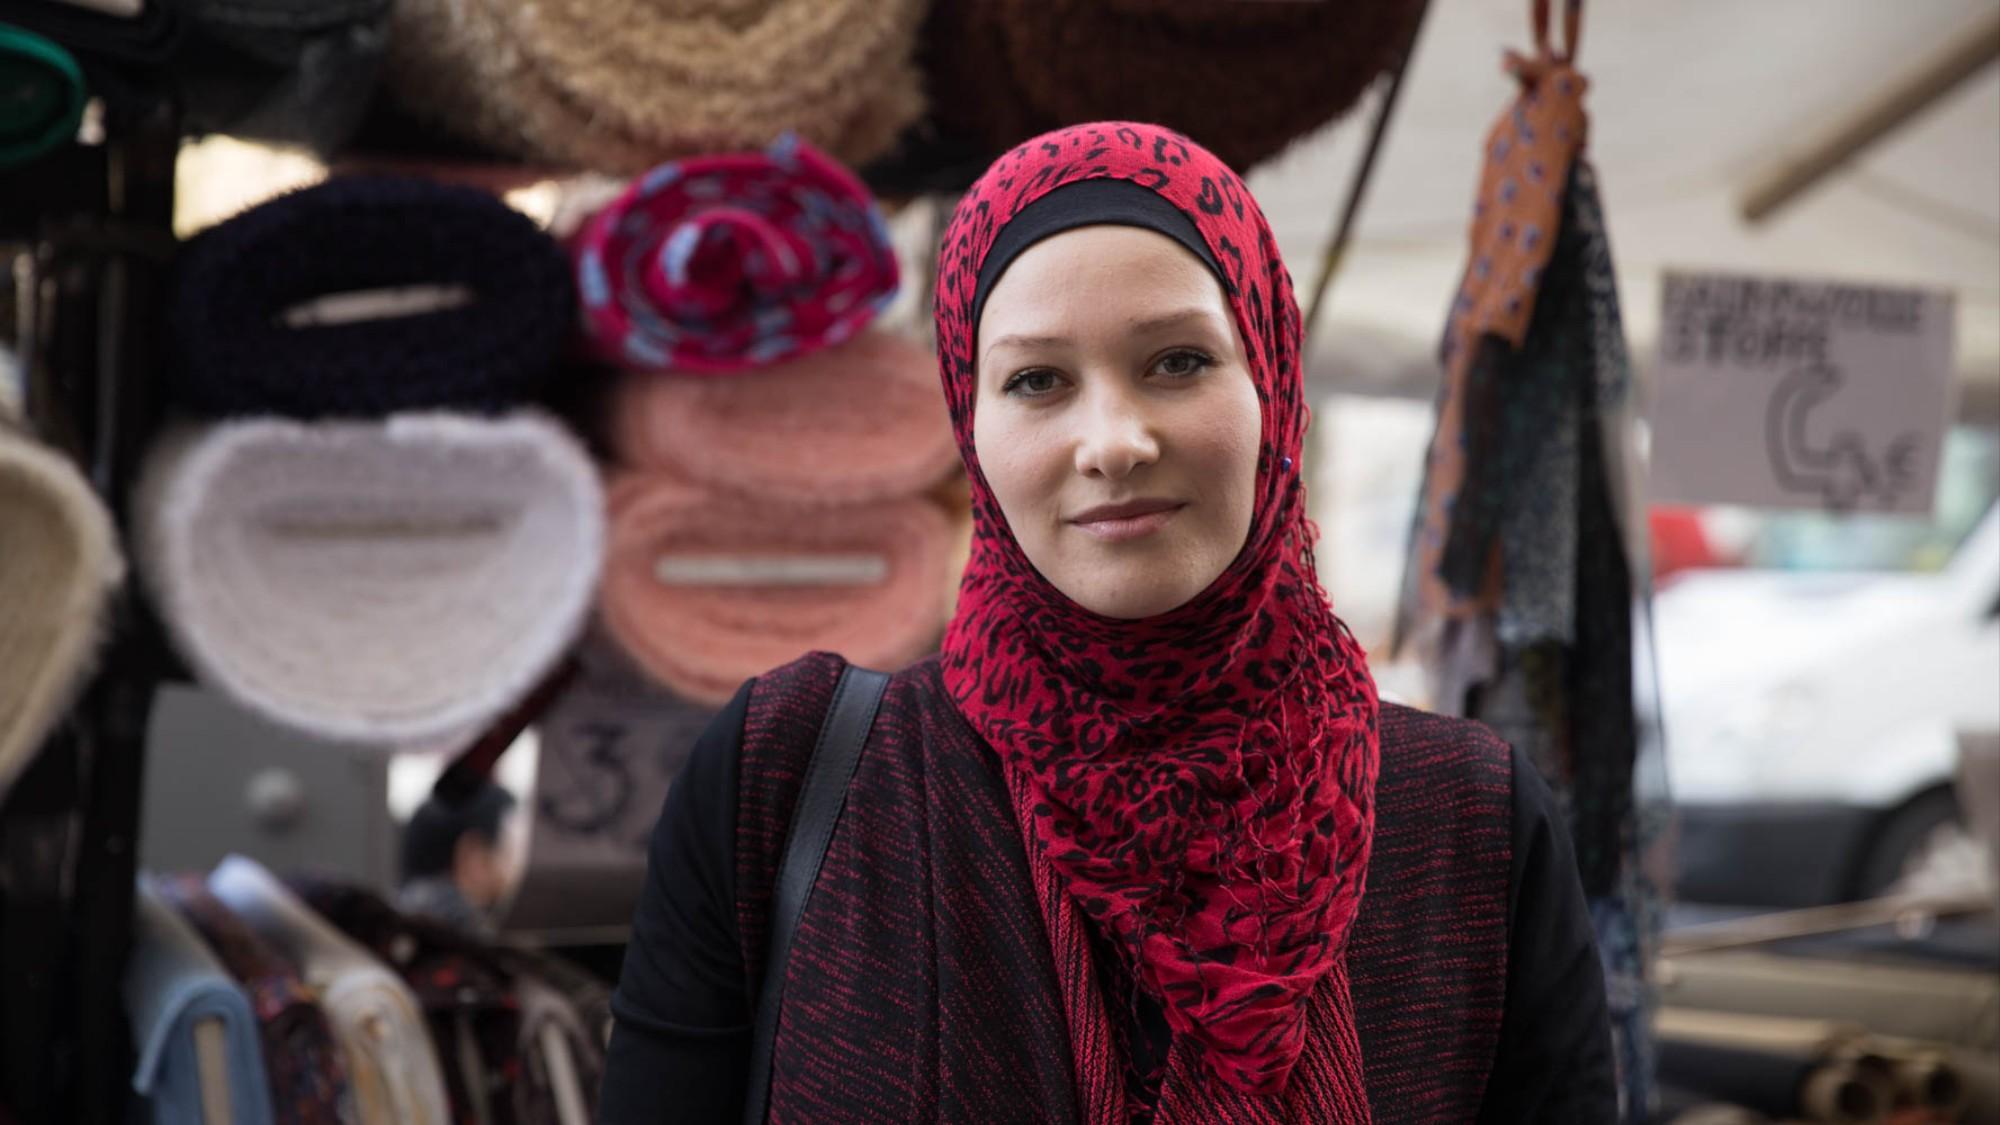 099508d18a Wir haben Muslimas gefragt, was sie von einem Kopftuchverbot für junge  Mädchen halten - VICE